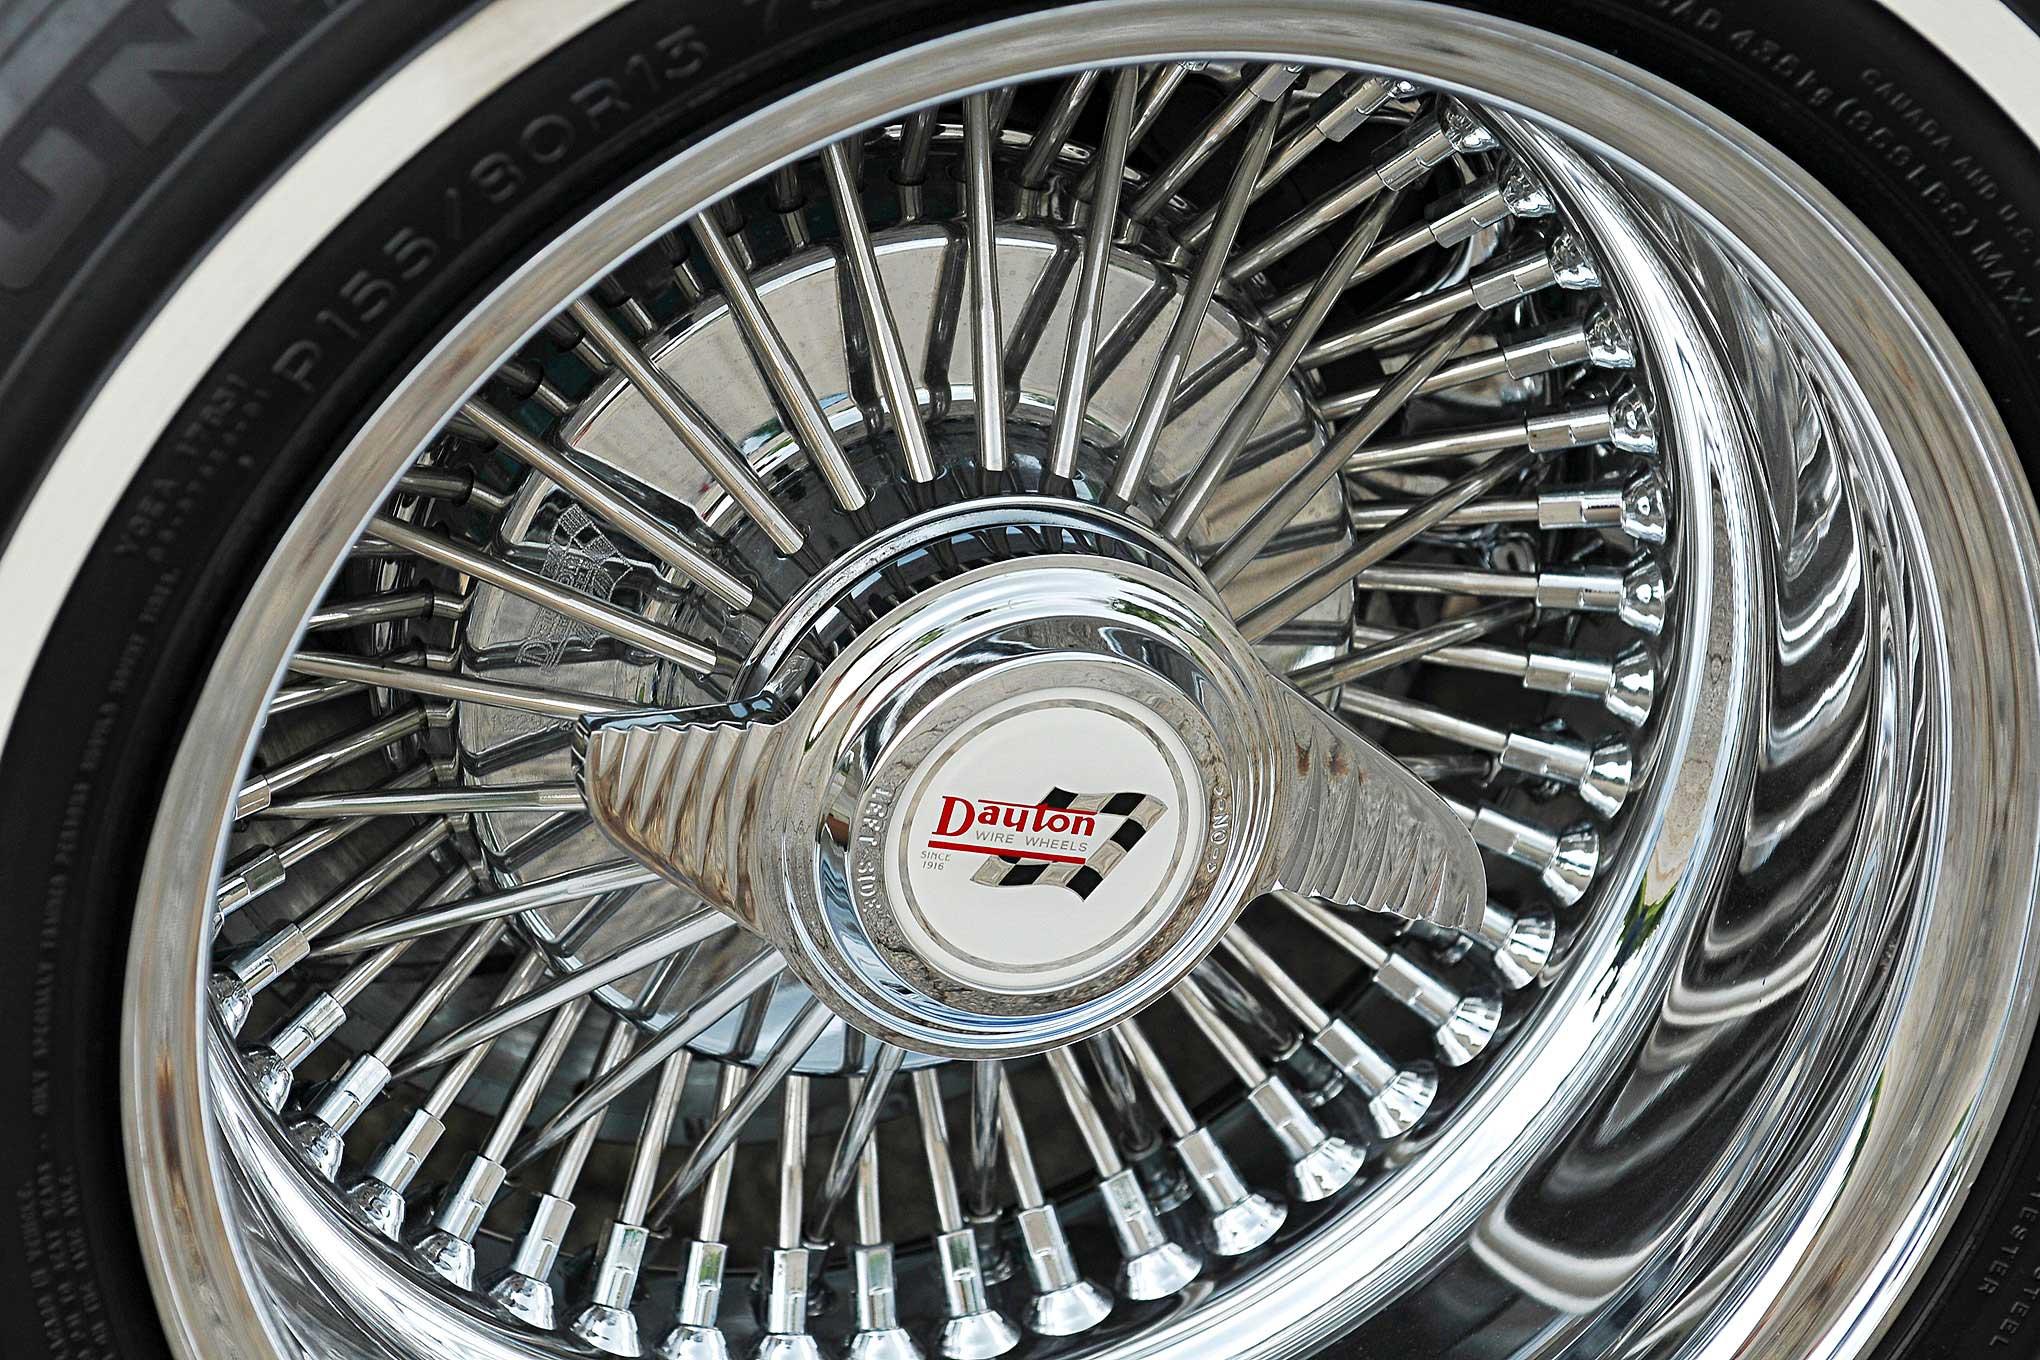 1957 chevrolet bel air dayton wire wheel - Lowrider